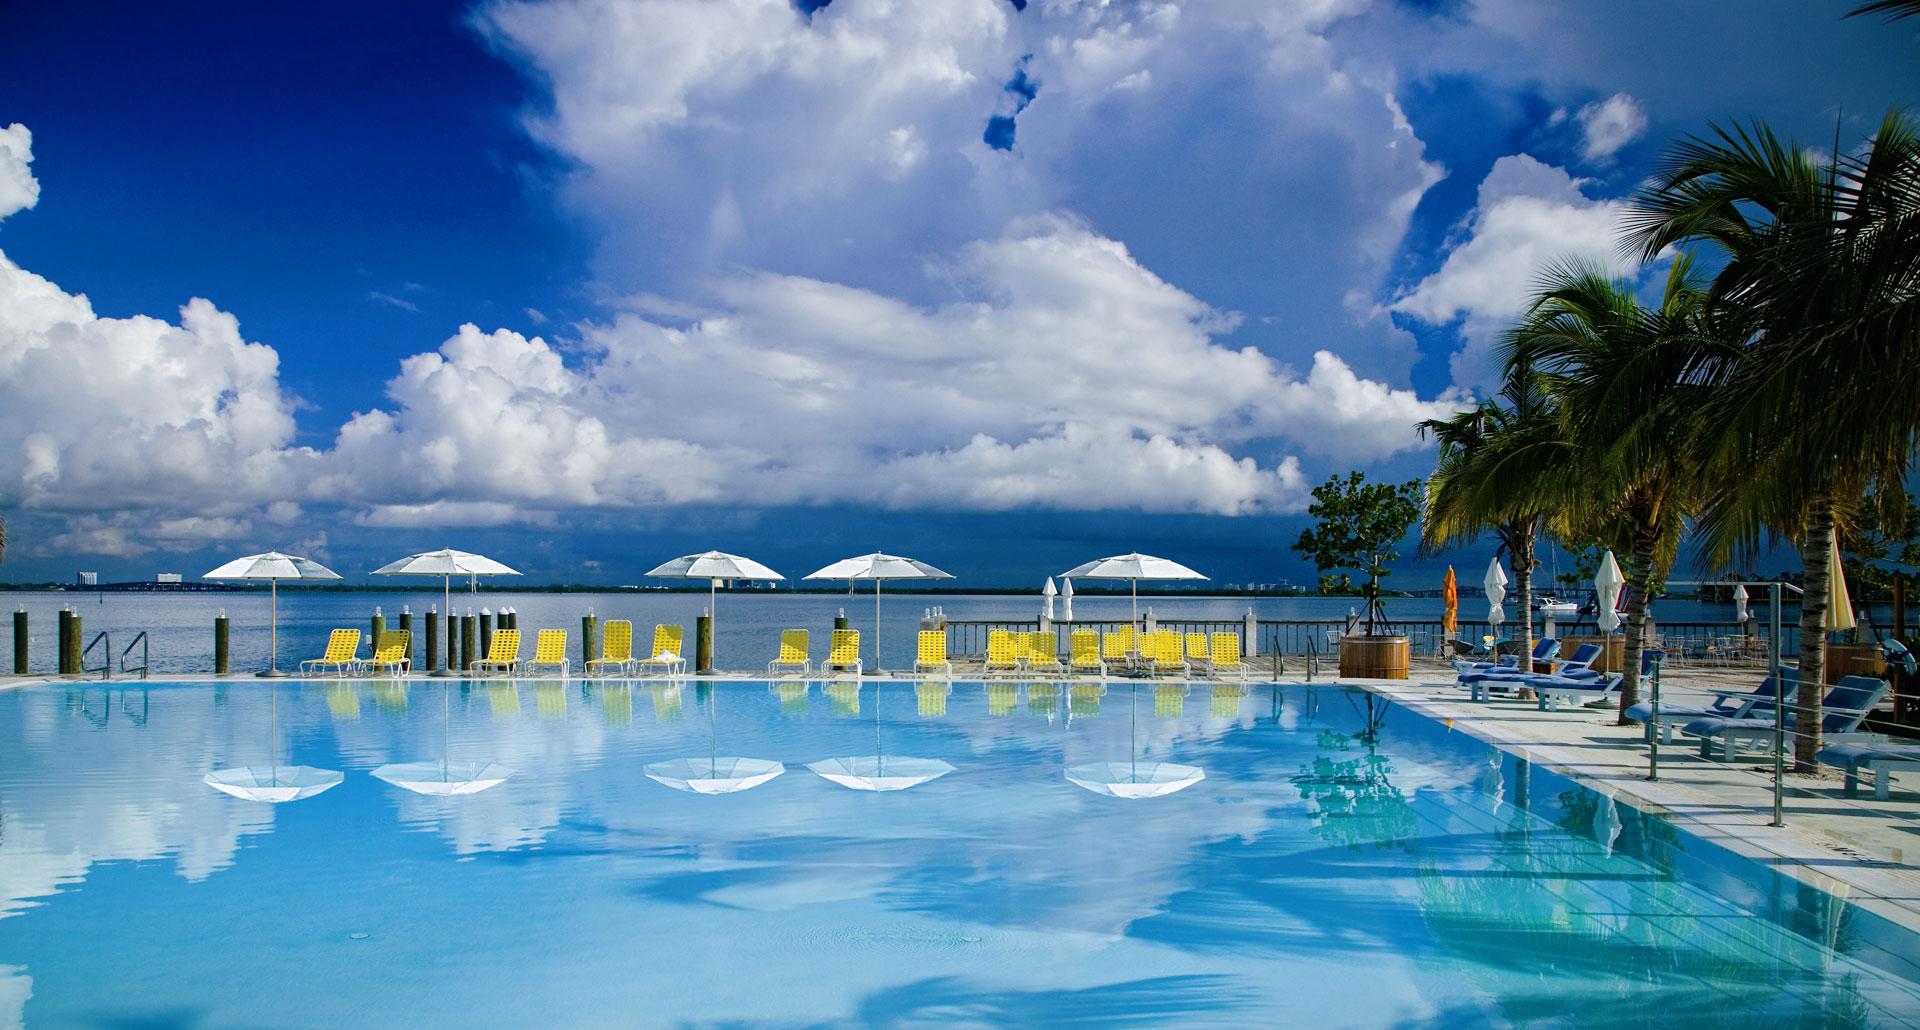 The Standard Spa - boutique hotel in Miami Beach